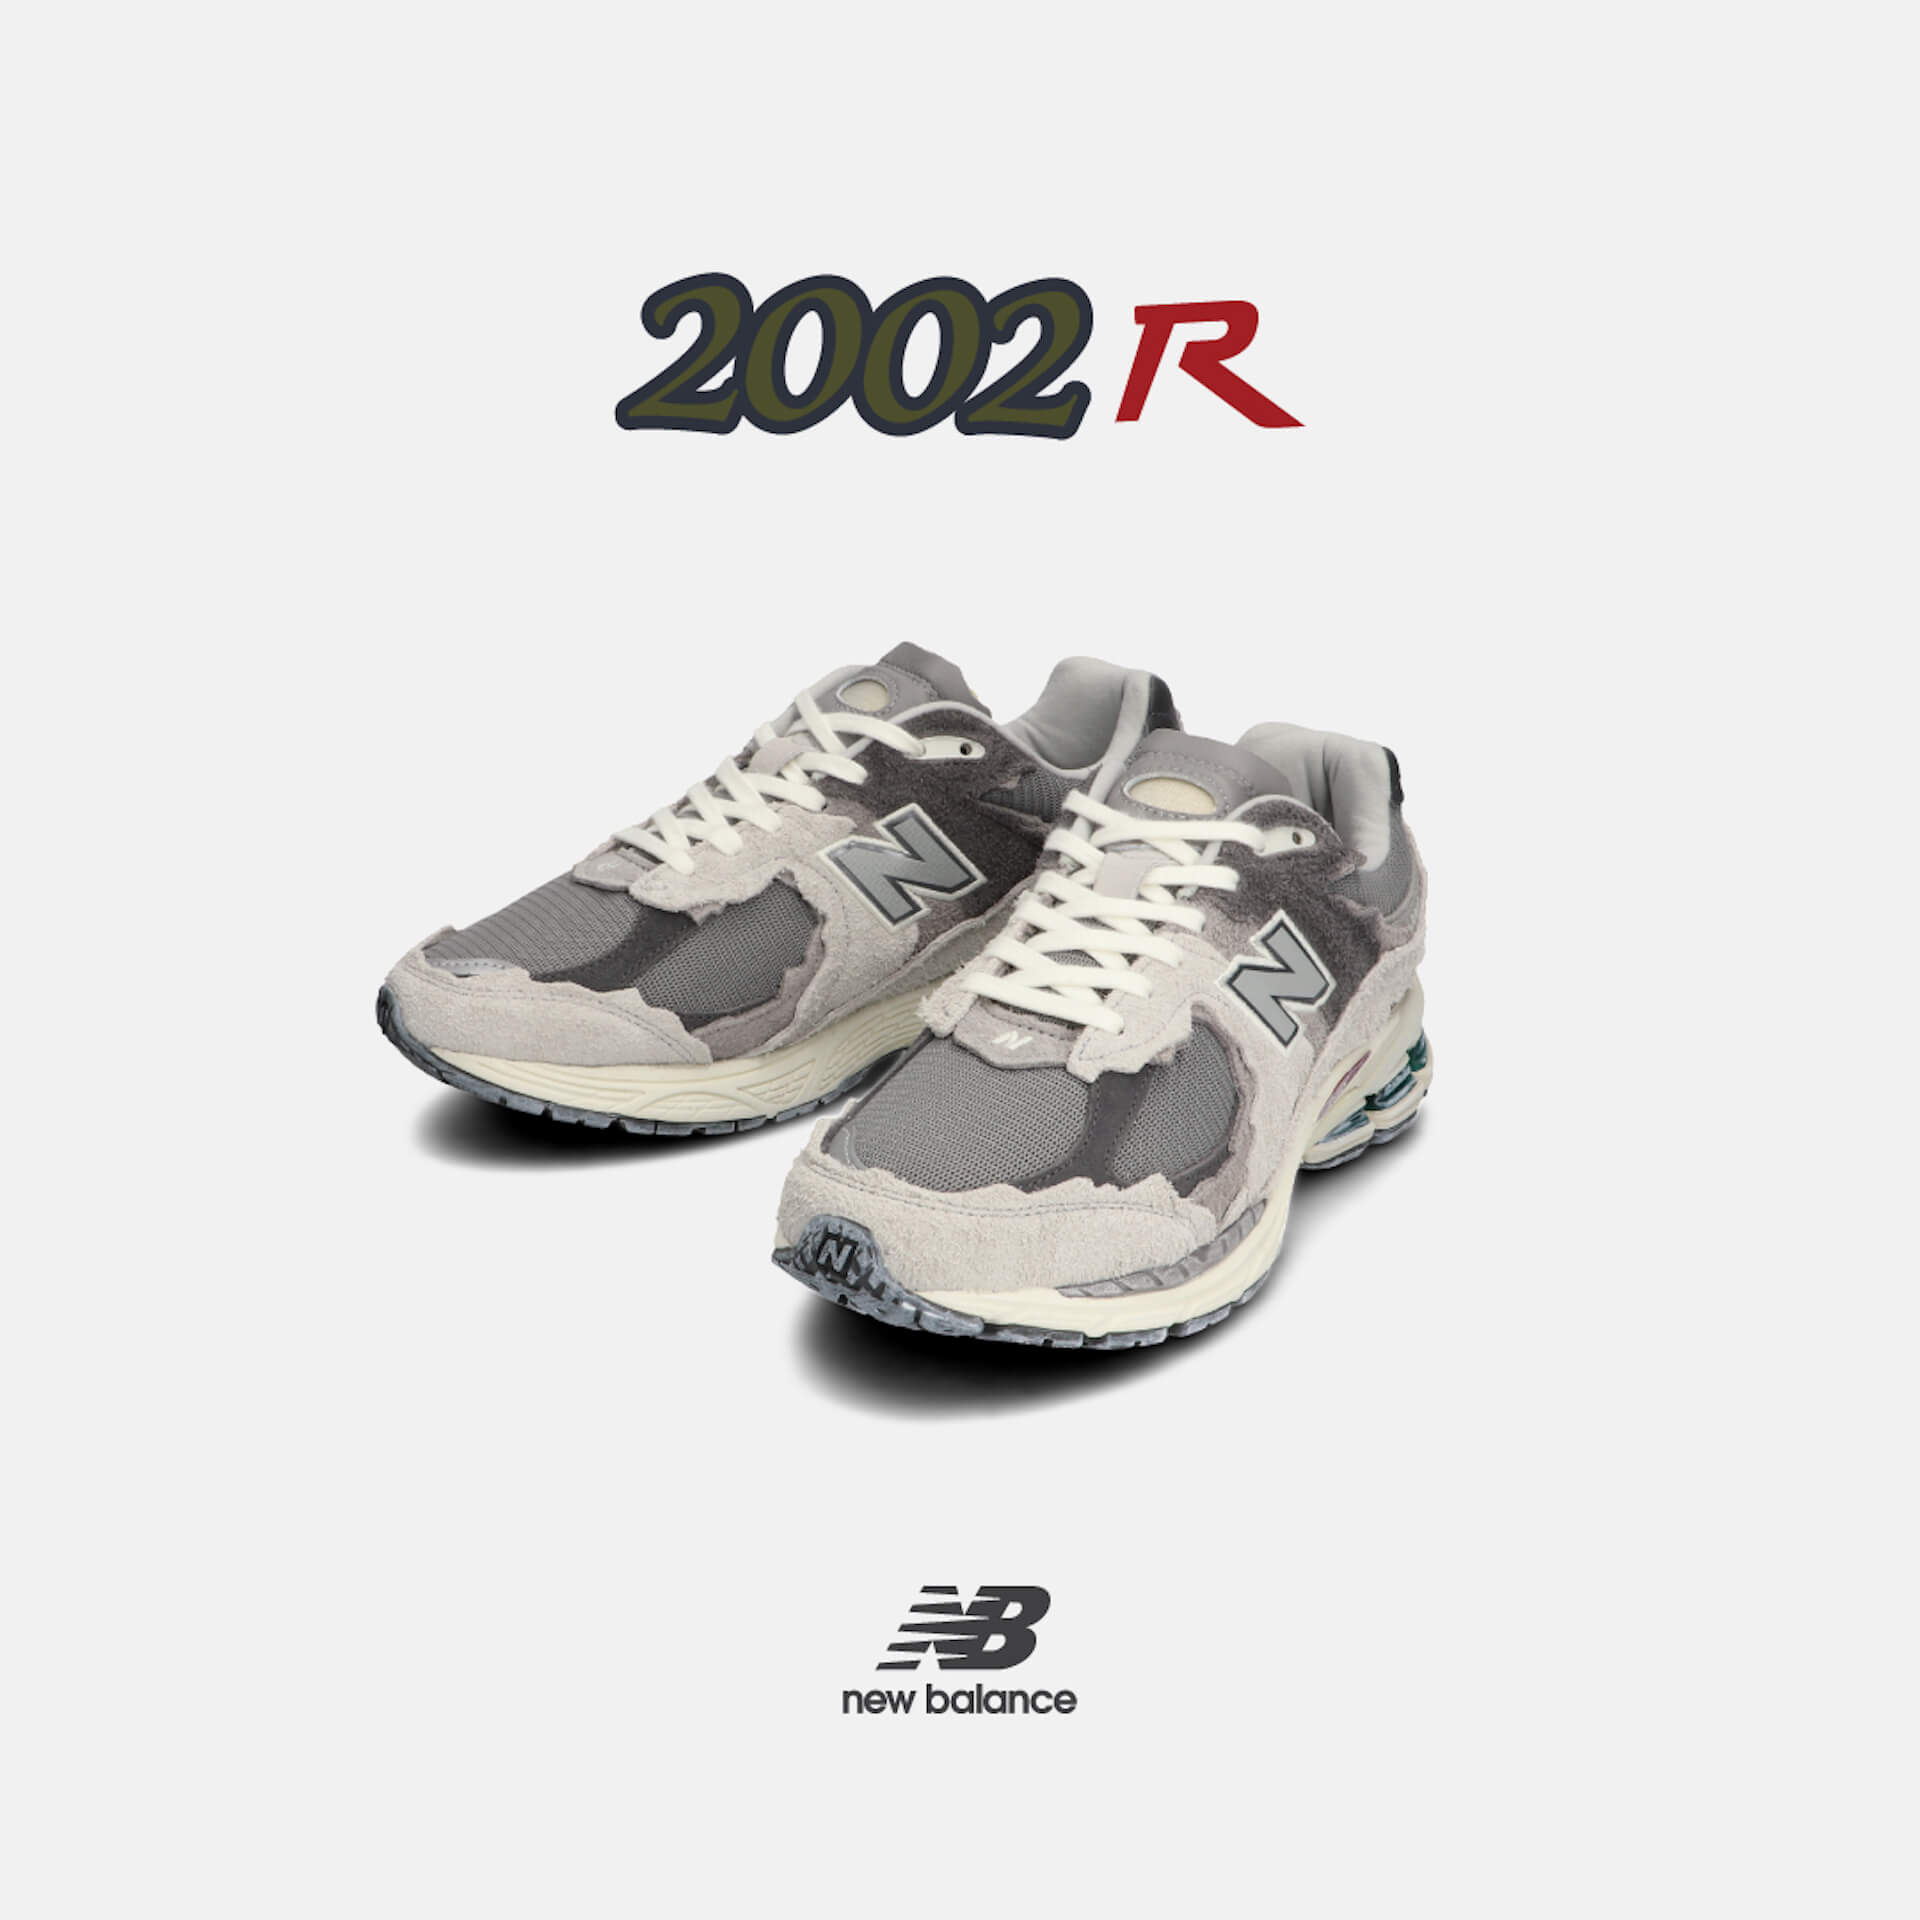 ニューバランス「2002R」シリーズ新作3色が発売決定!ヴィンテージ加工が印象的な3モデル life210712_newbalance_2002r_2